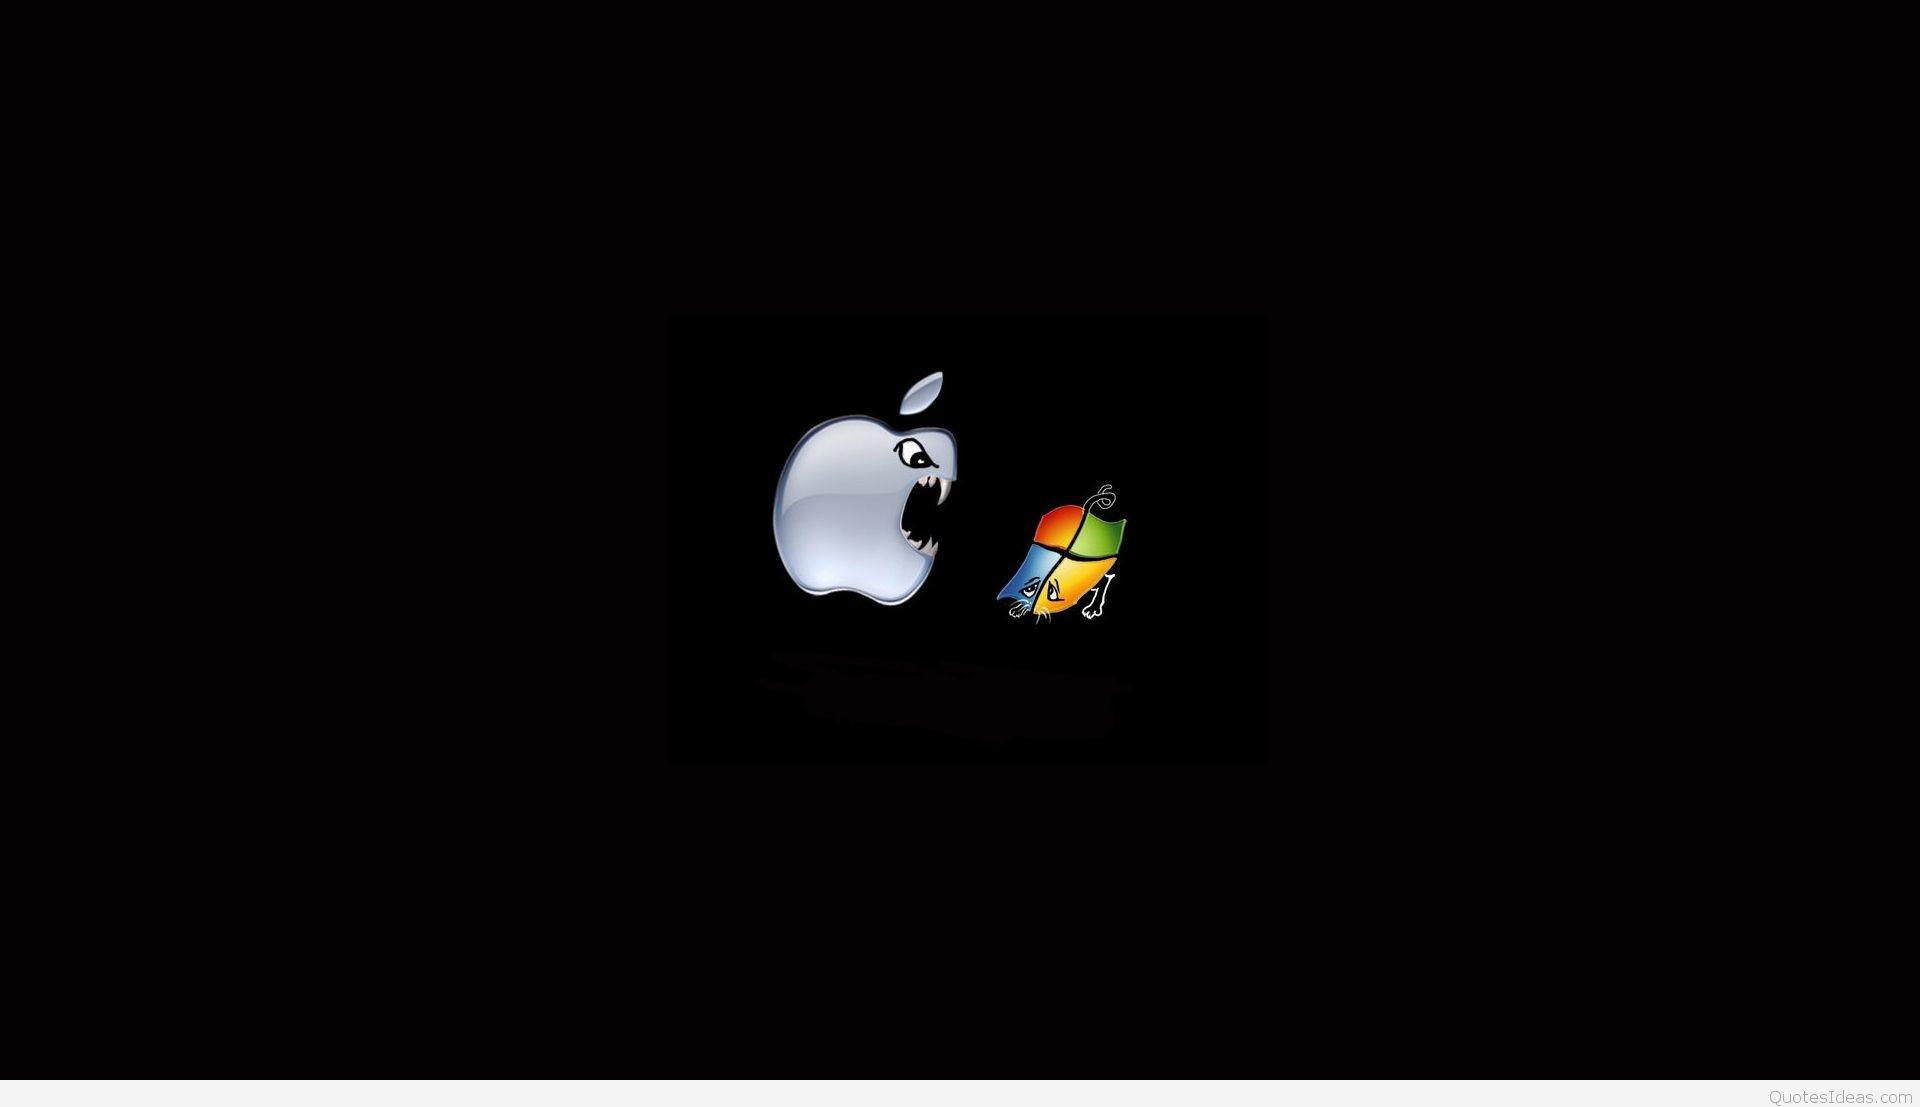 Funny Computer Backgrounds Meme : Desktop backgrounds funny ·①